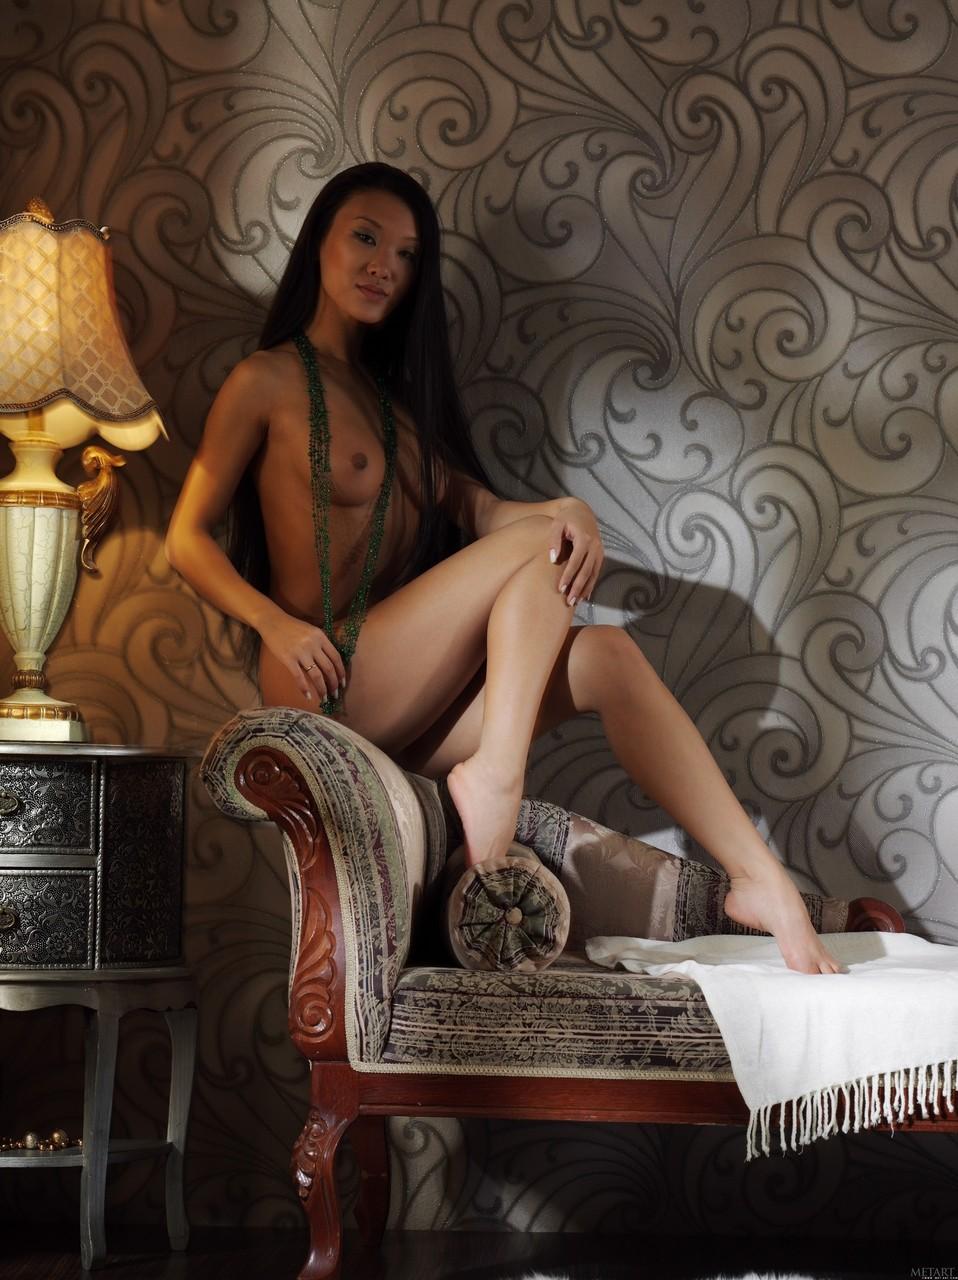 Asiatinnen Pornos. Galerie - 1848. Foto - 12